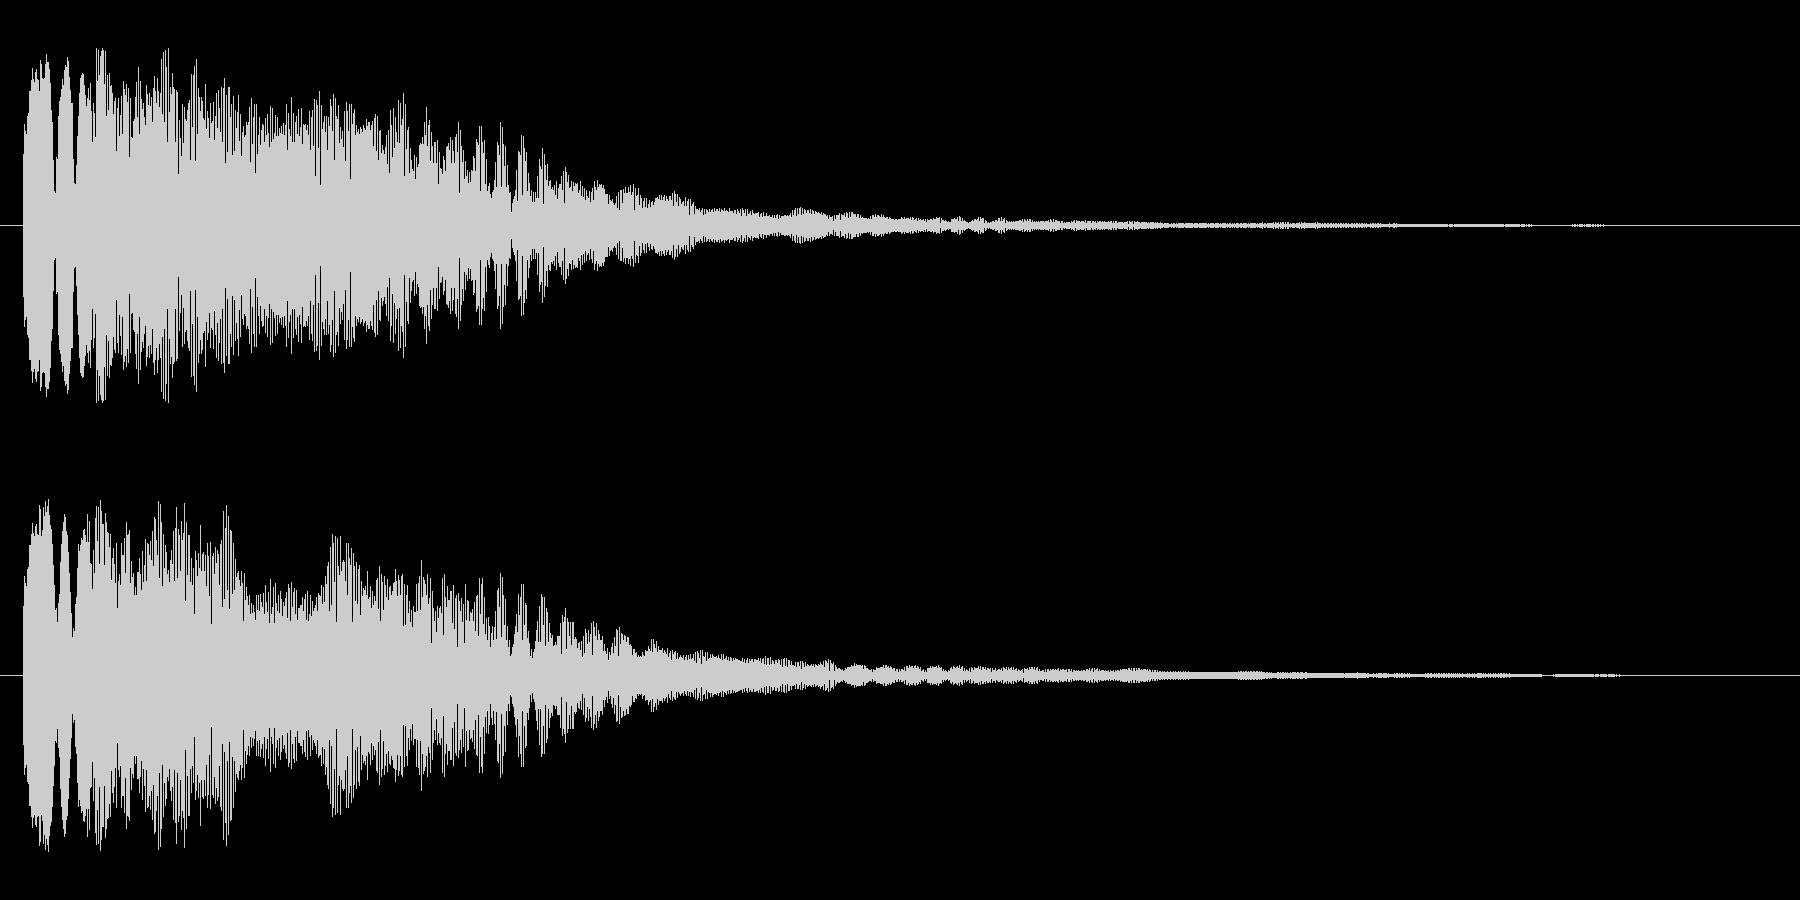 キラーン(星が出現する音)の未再生の波形